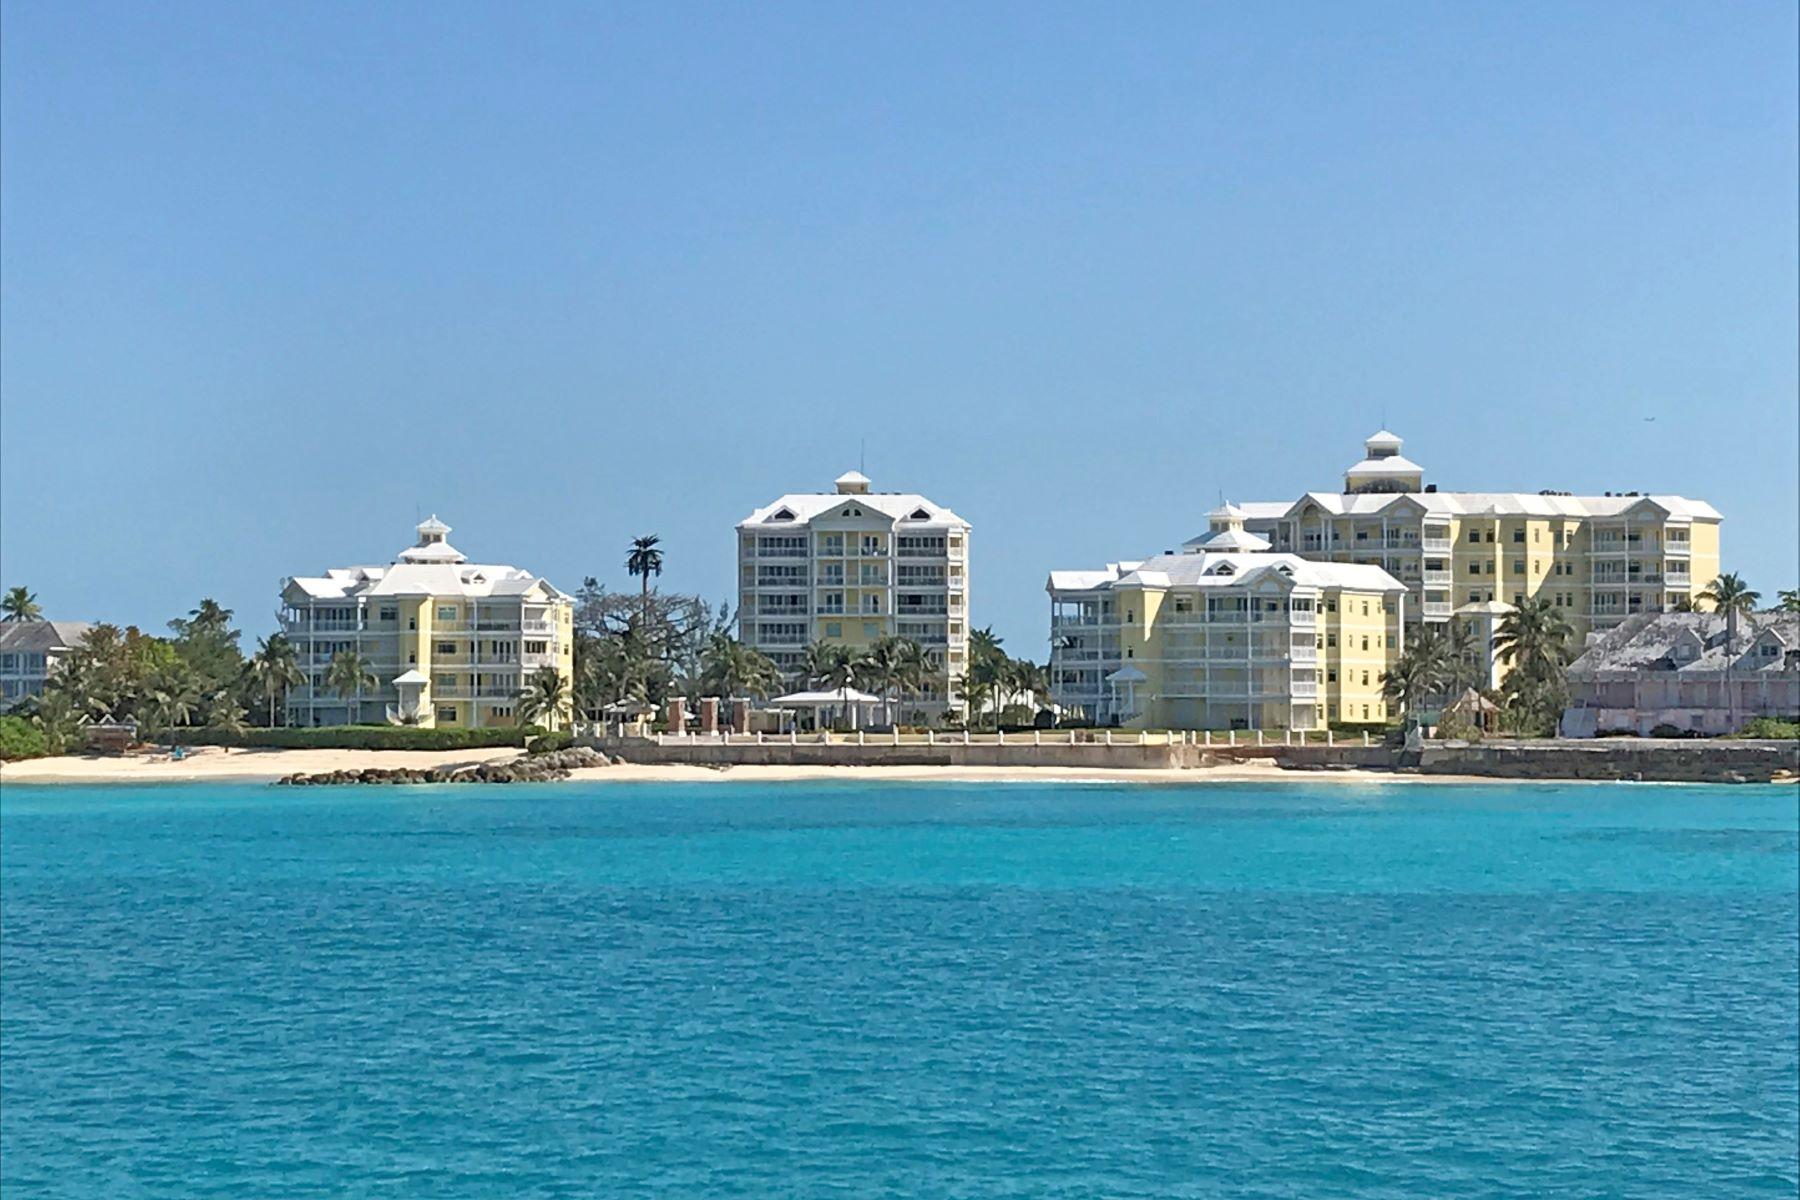 Appartement en copropriété pour l à louer à Bayroc #E-408, Cable Beach Bayroc, Cable Beach, New Providence/Nassau Bahamas